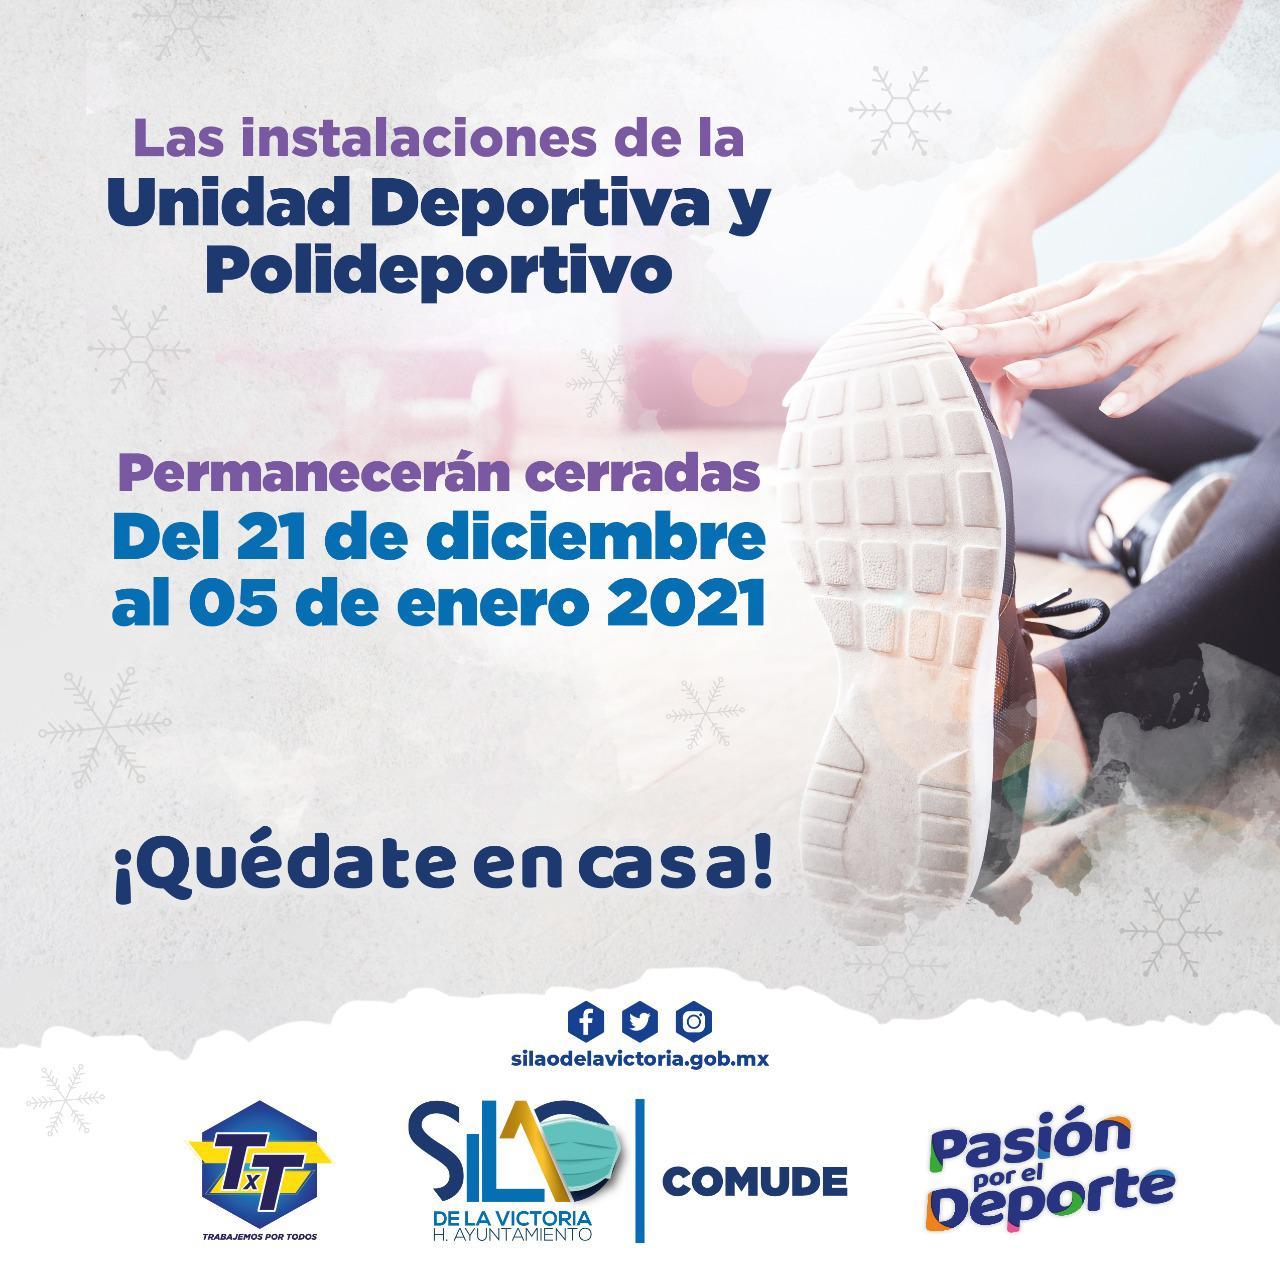 Avisan a ciudadanía que Polideportivo y la Unidad Deportiva suspenderán labores